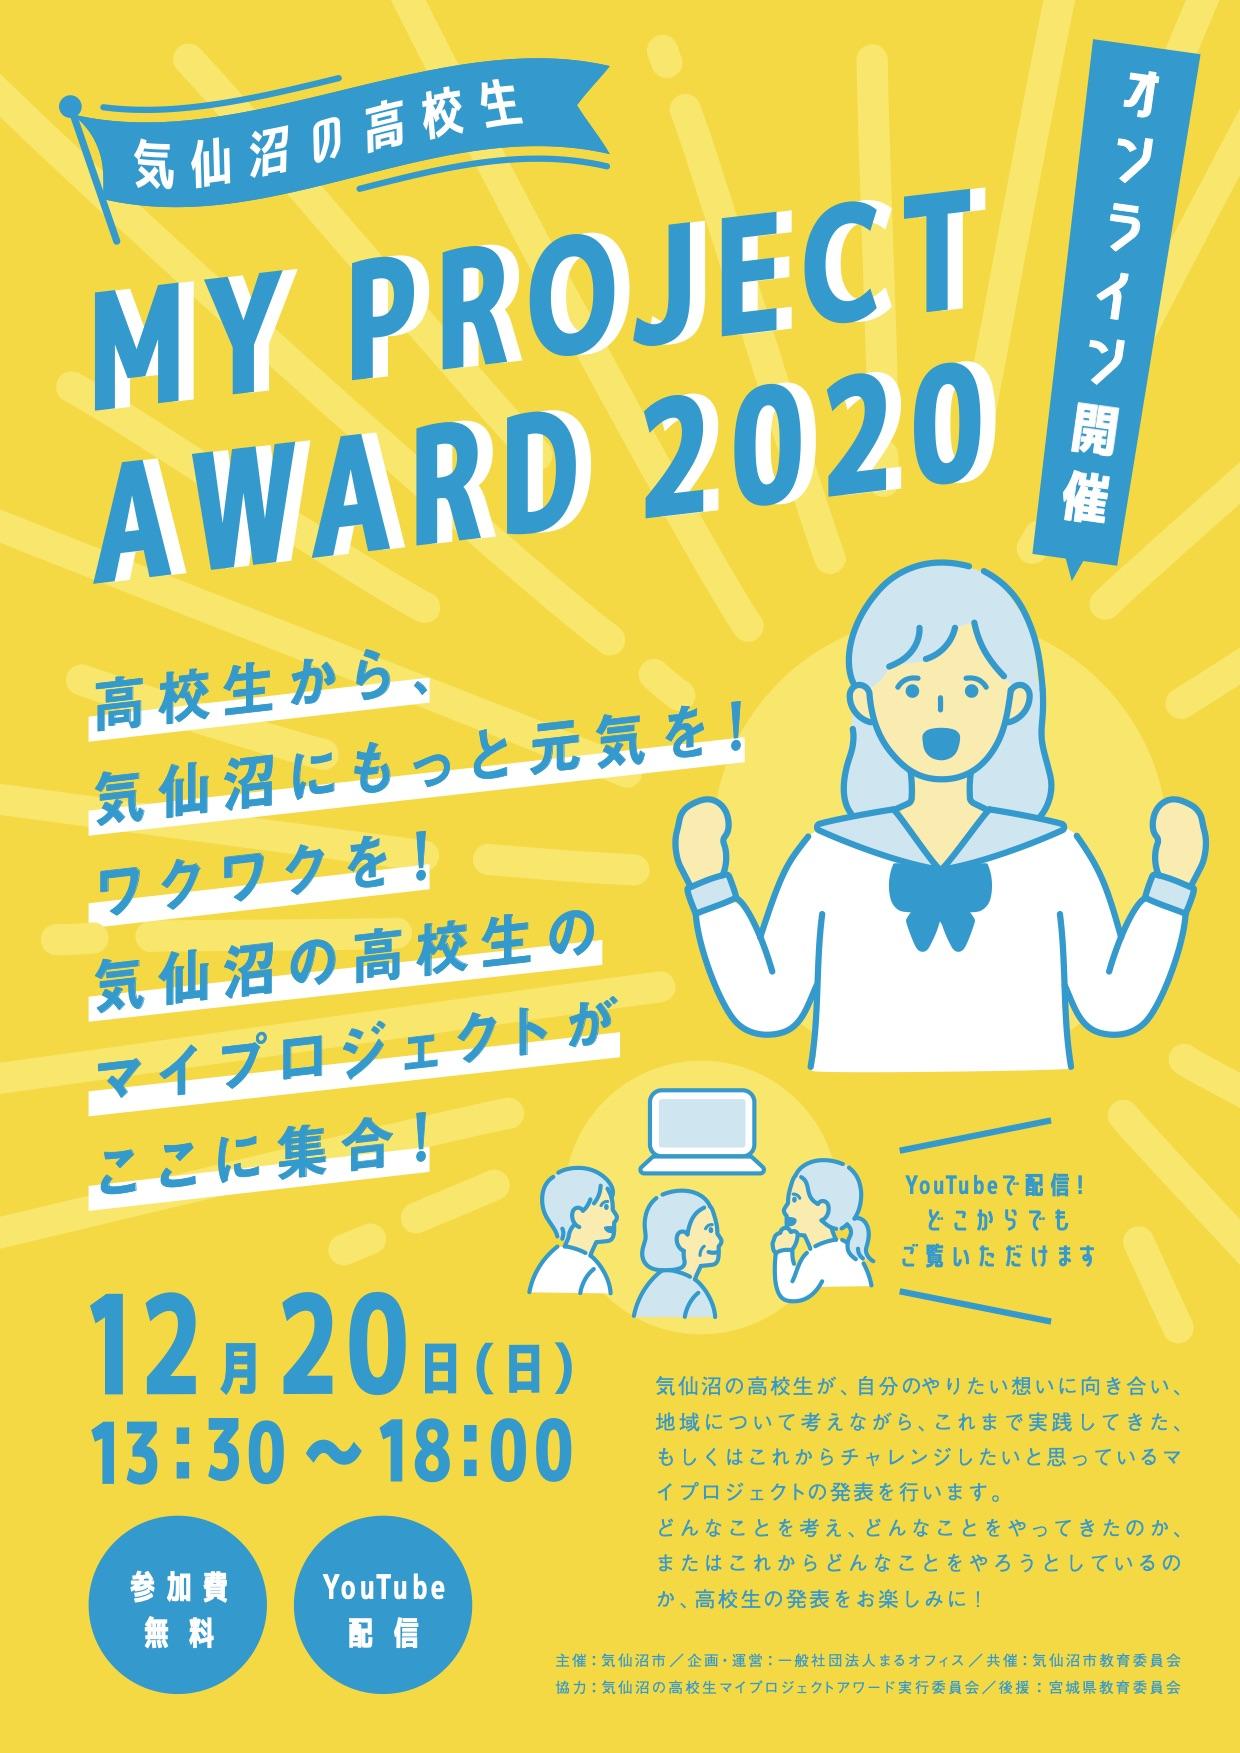 気仙沼の高校生MY PROJECT AWARD 2020